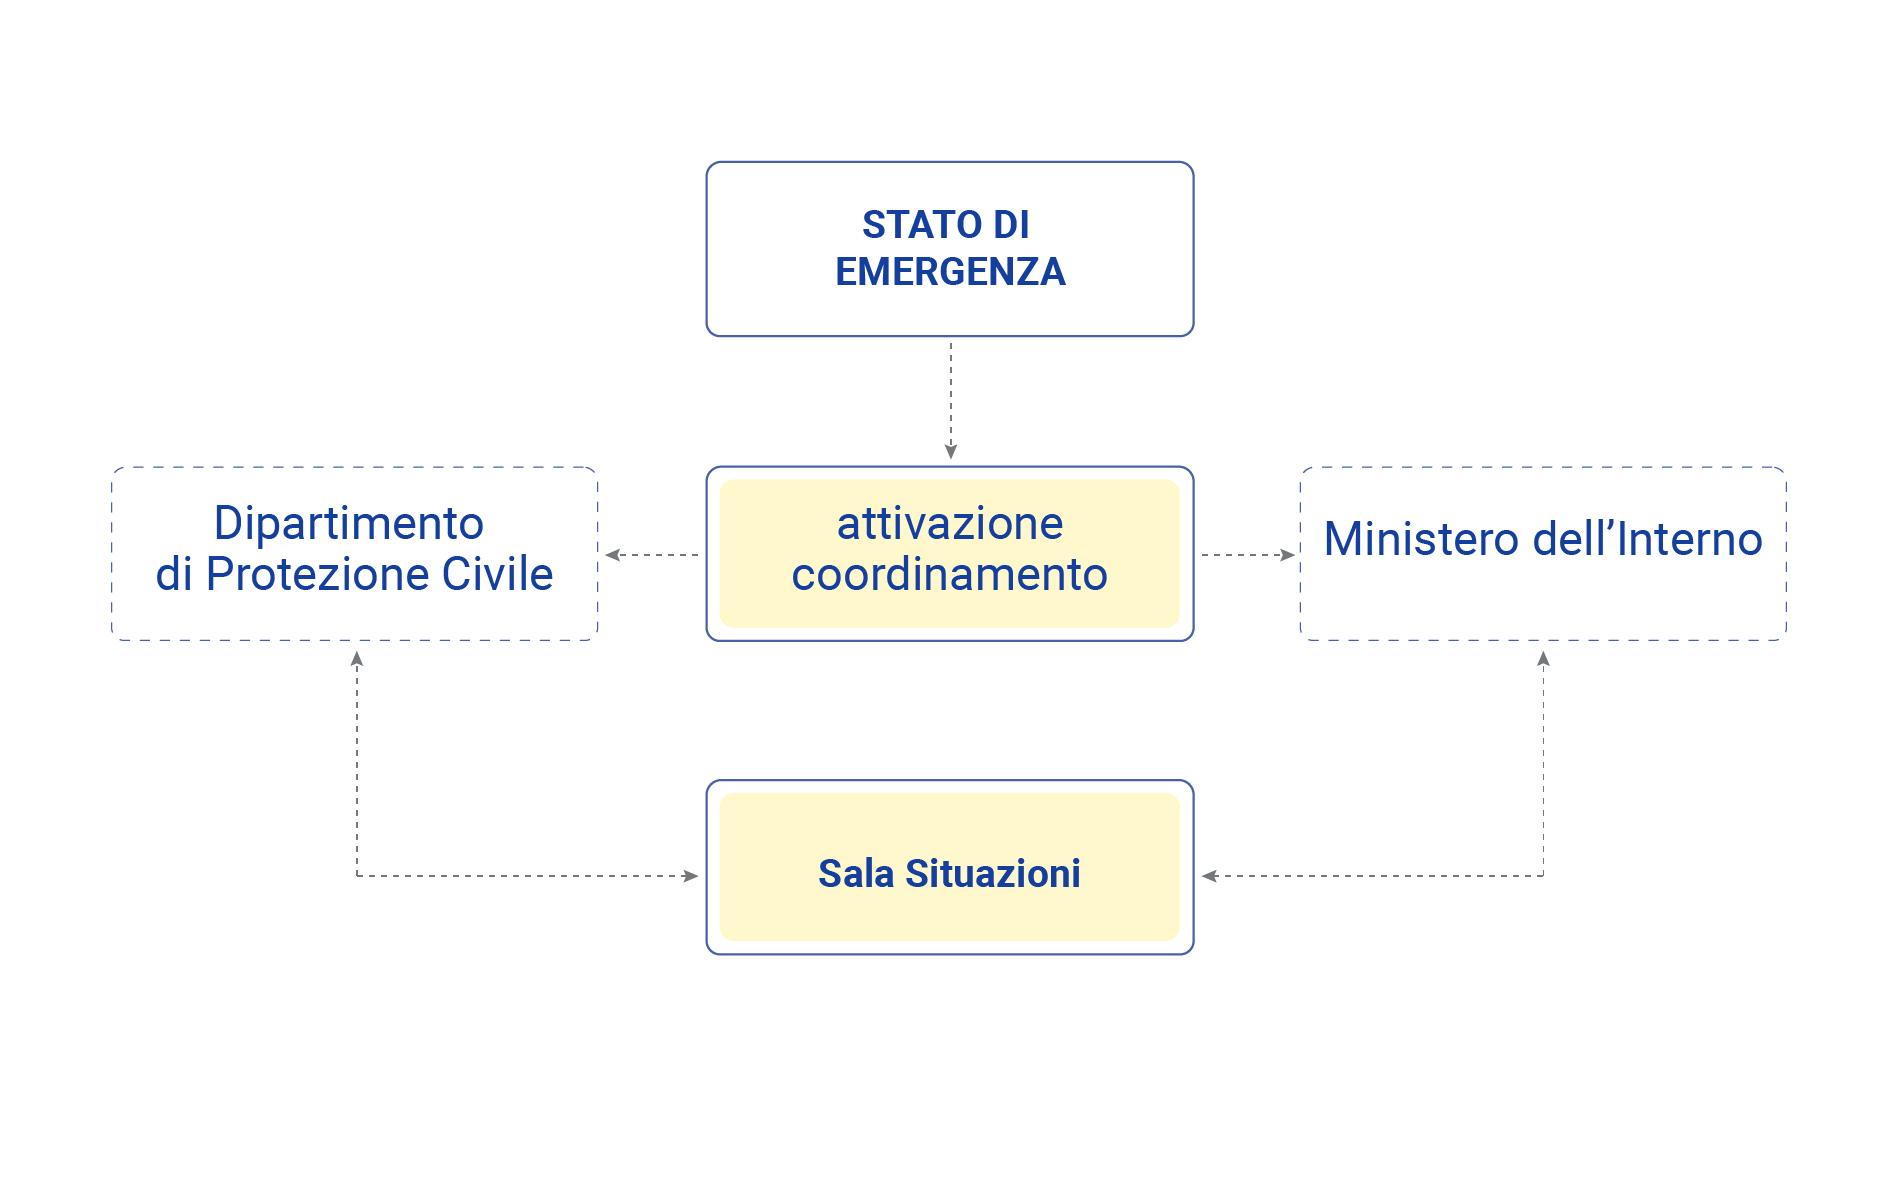 Gestione_Emergenze-01